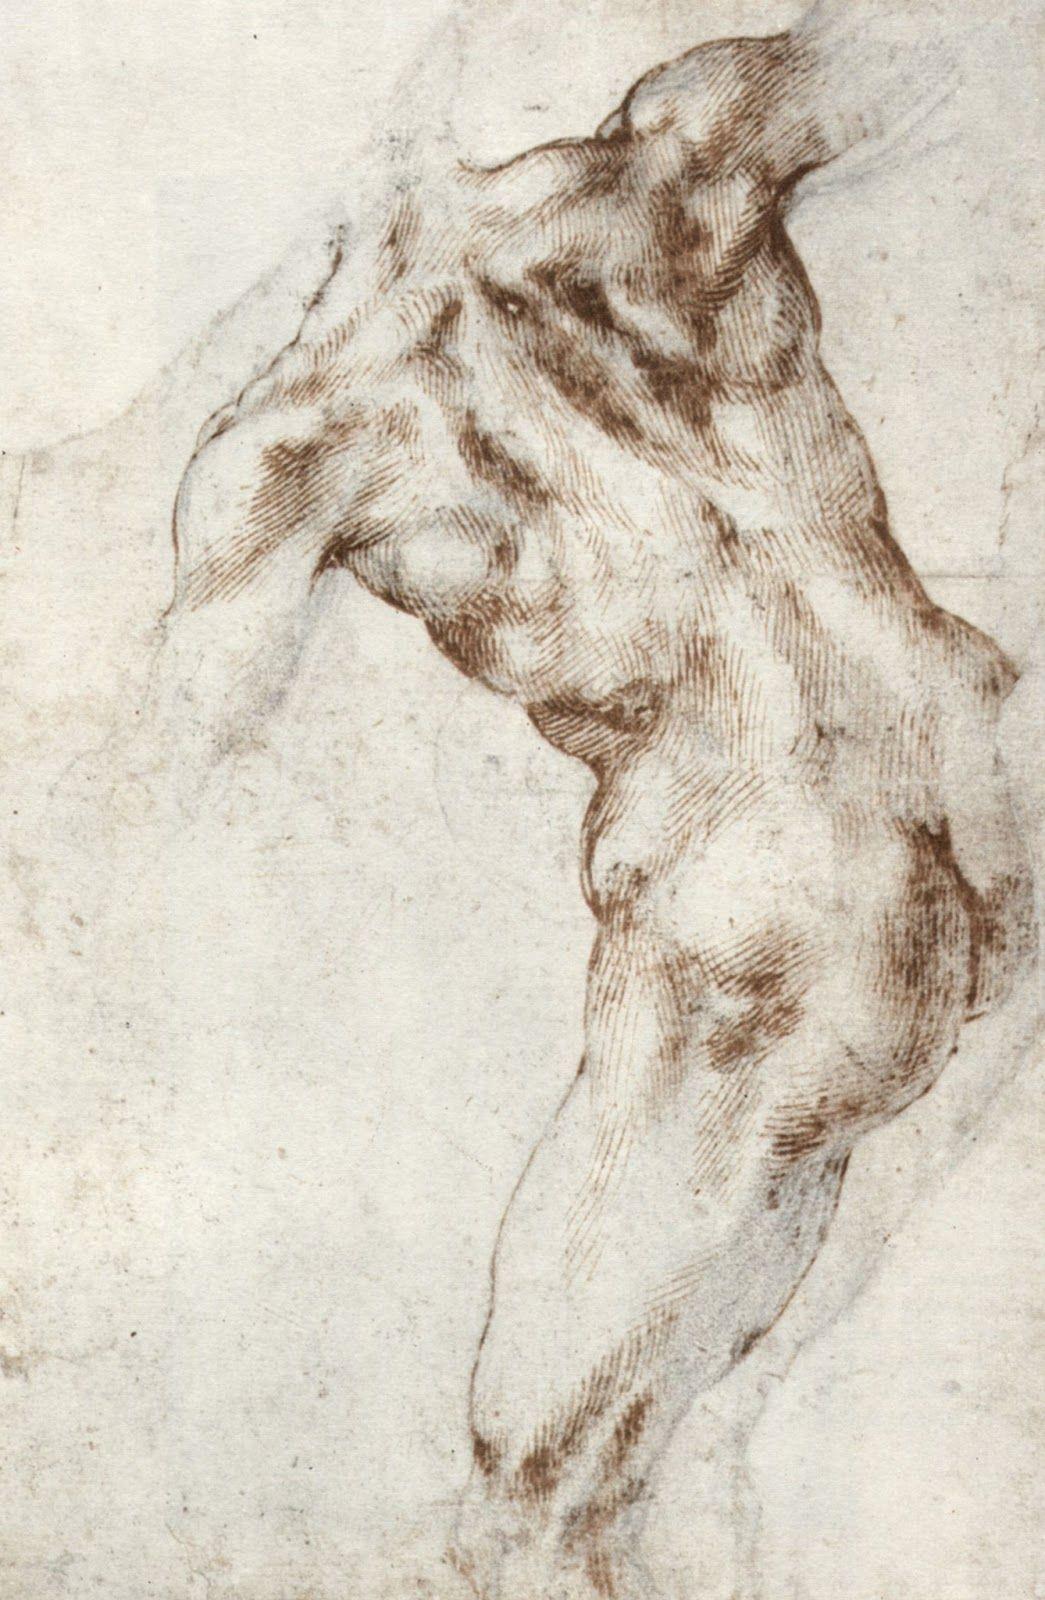 Michelangelo Buonarroti - Studio di una gamba e di un piede      Michelangelo Buonarroti - Studio di una gamba destra in veduta late...